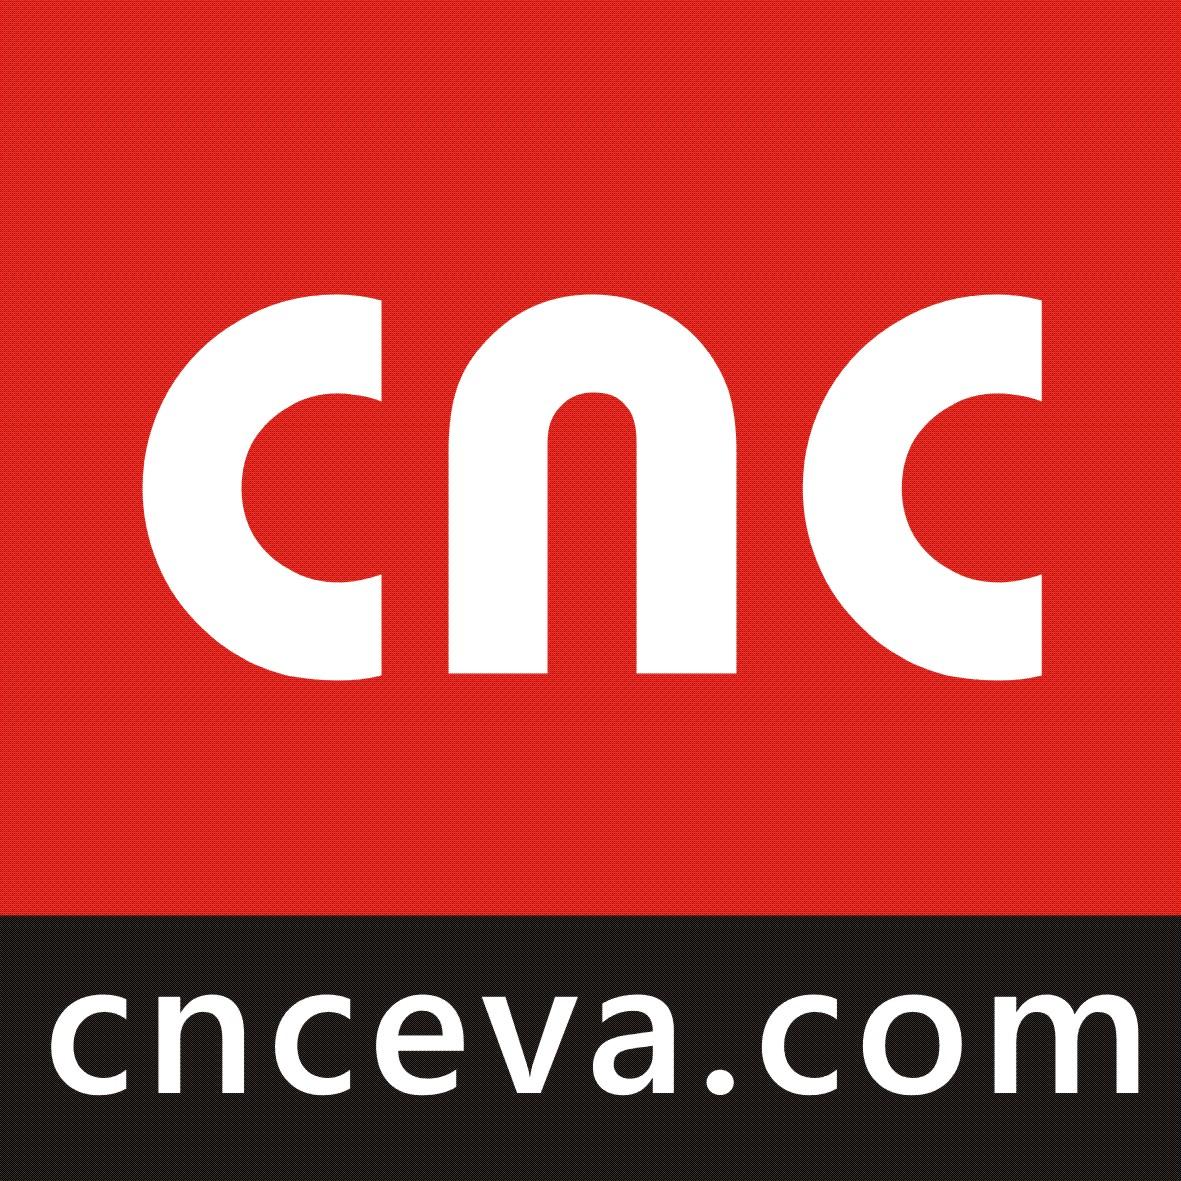 cnc-eva-logo